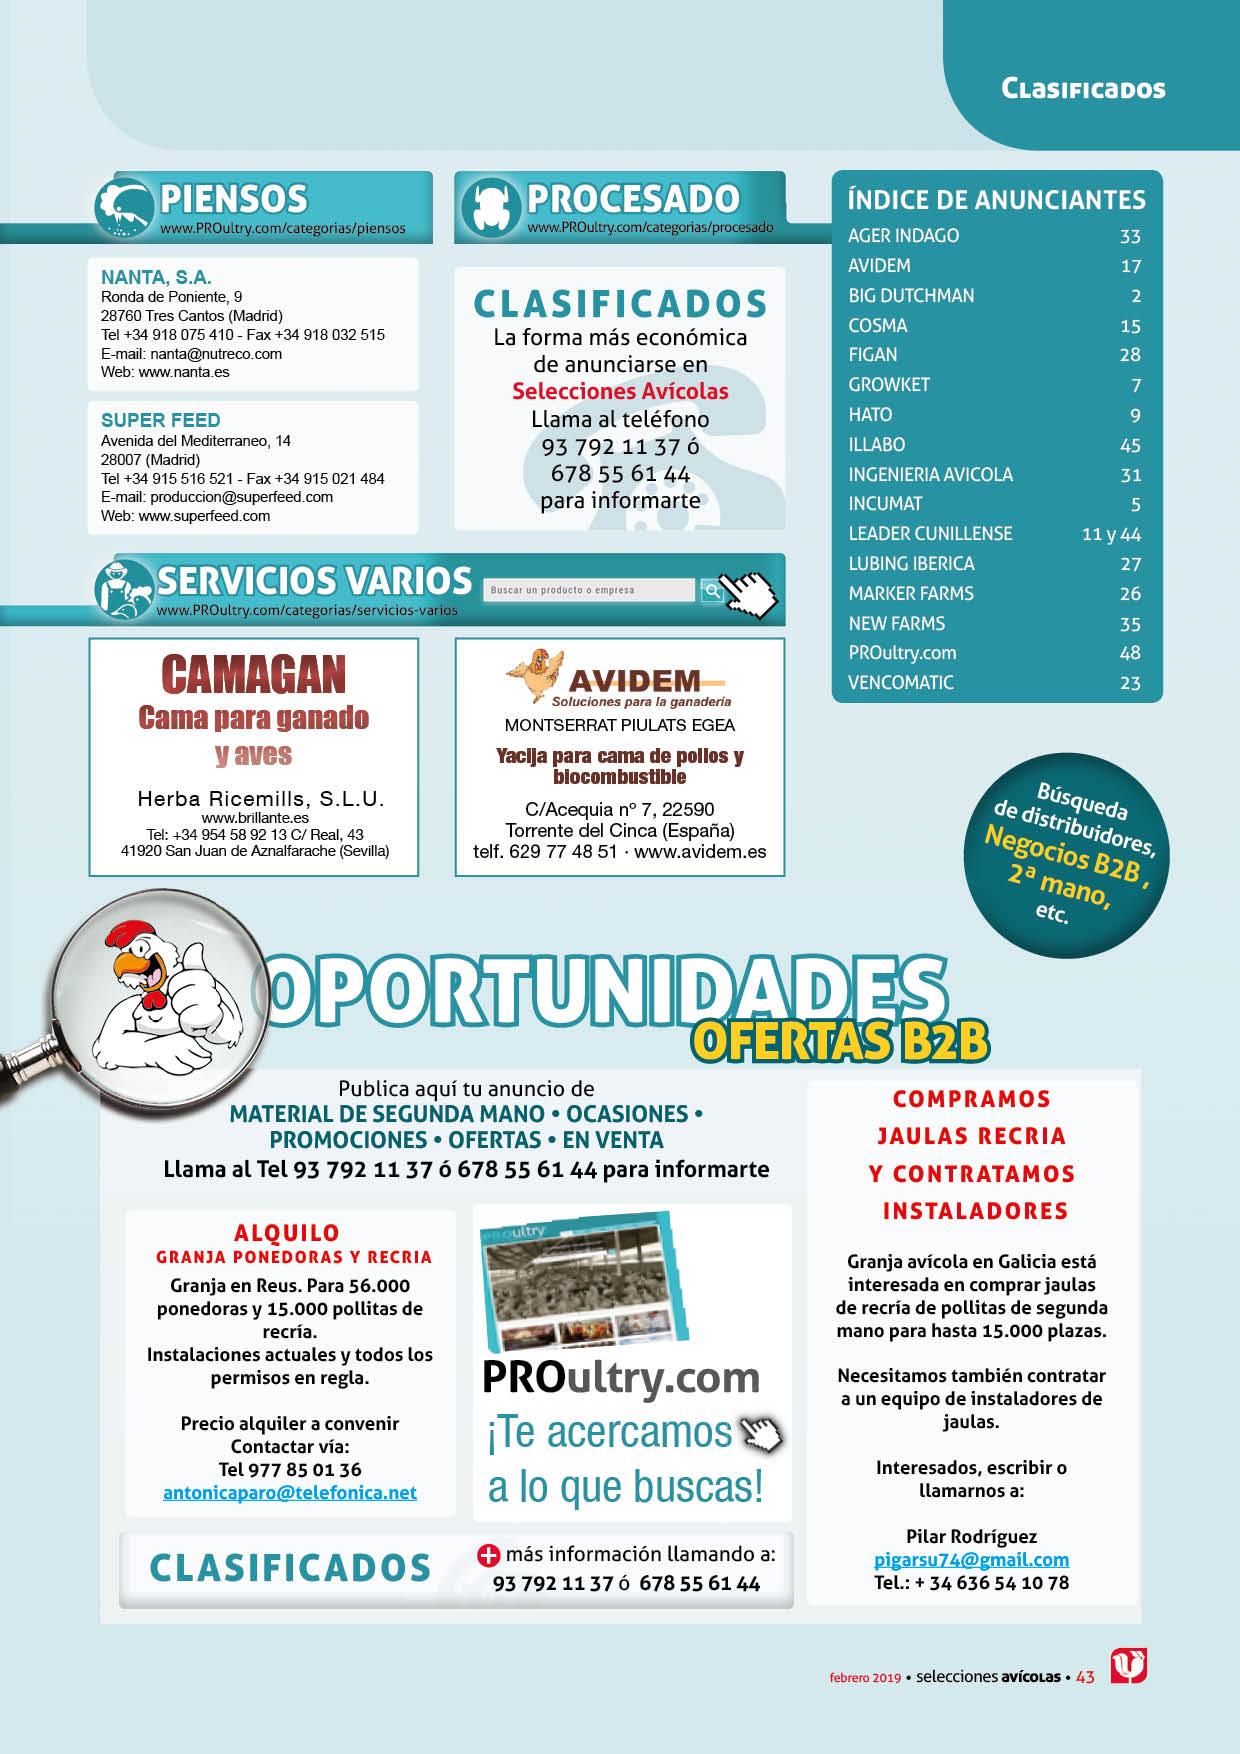 0219_Clasificados5.jpg